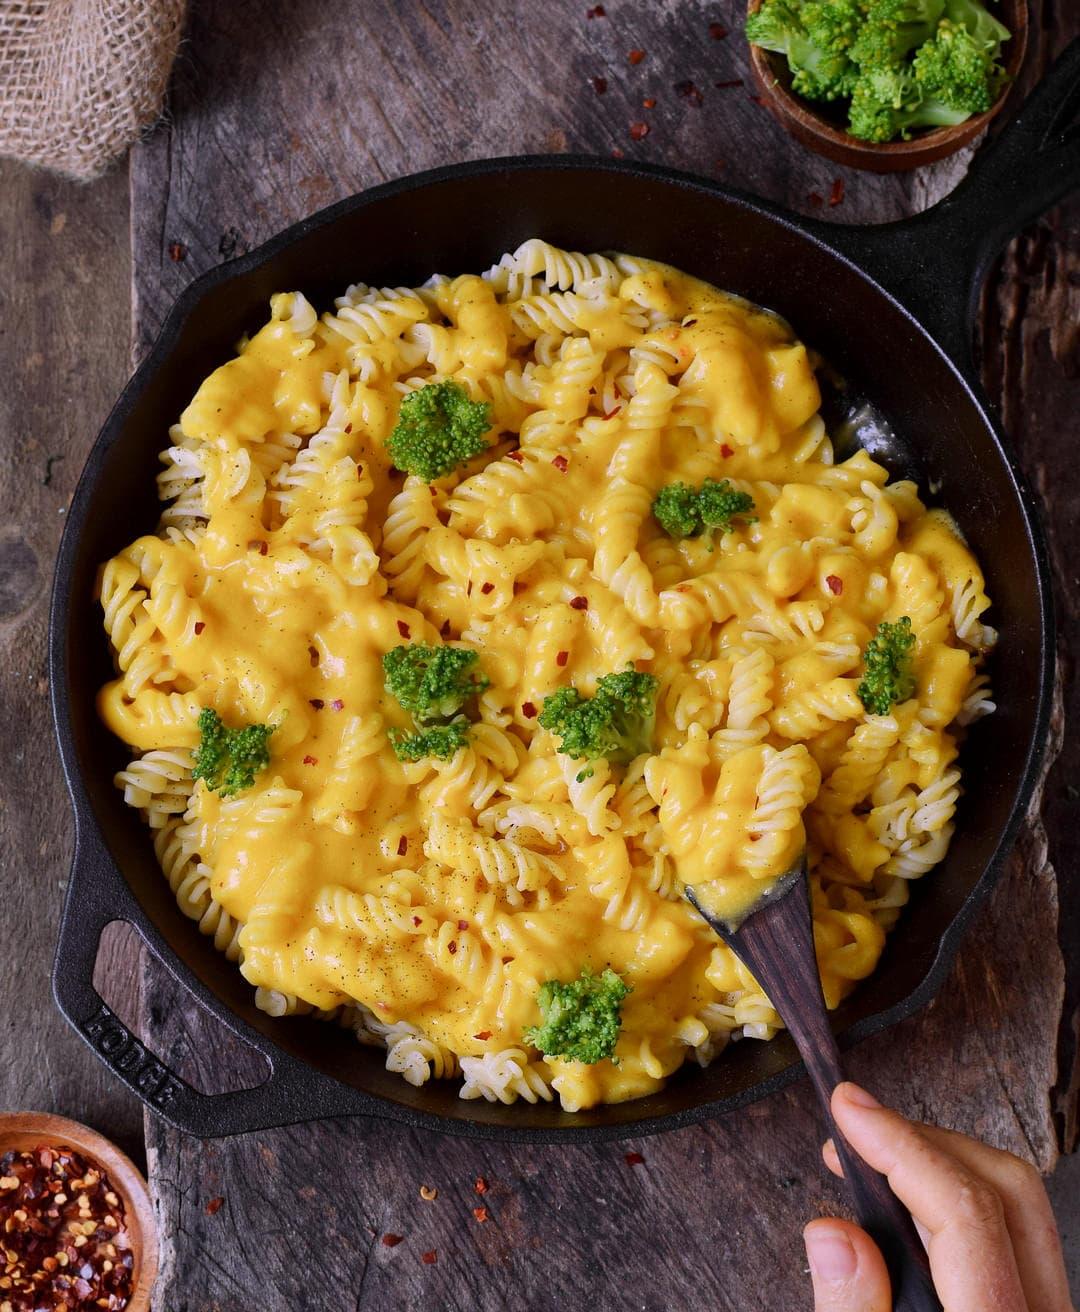 Vegan Mac n Cheese Käsesauce mit Nudeln und Brokkoli in schwarzer Pfanne